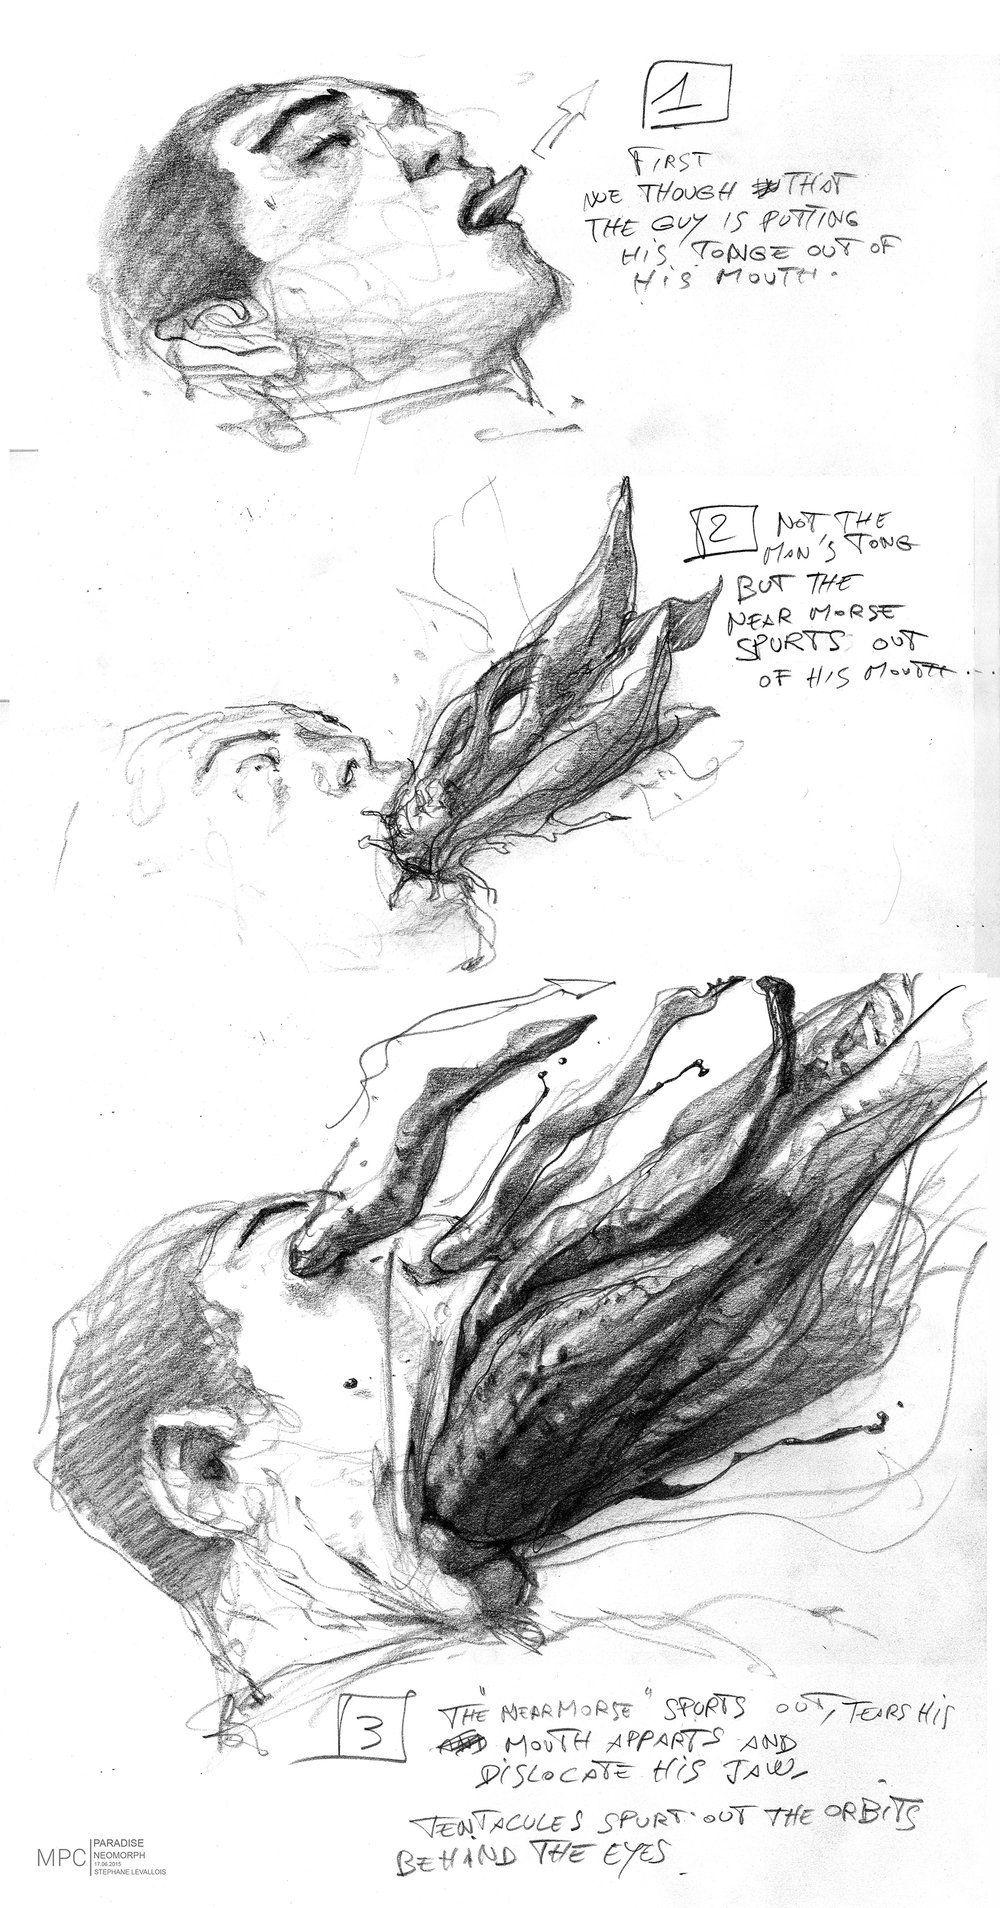 Tentacle Alien In 2020 Scary Art Alien Concept Art Monster Concept Art